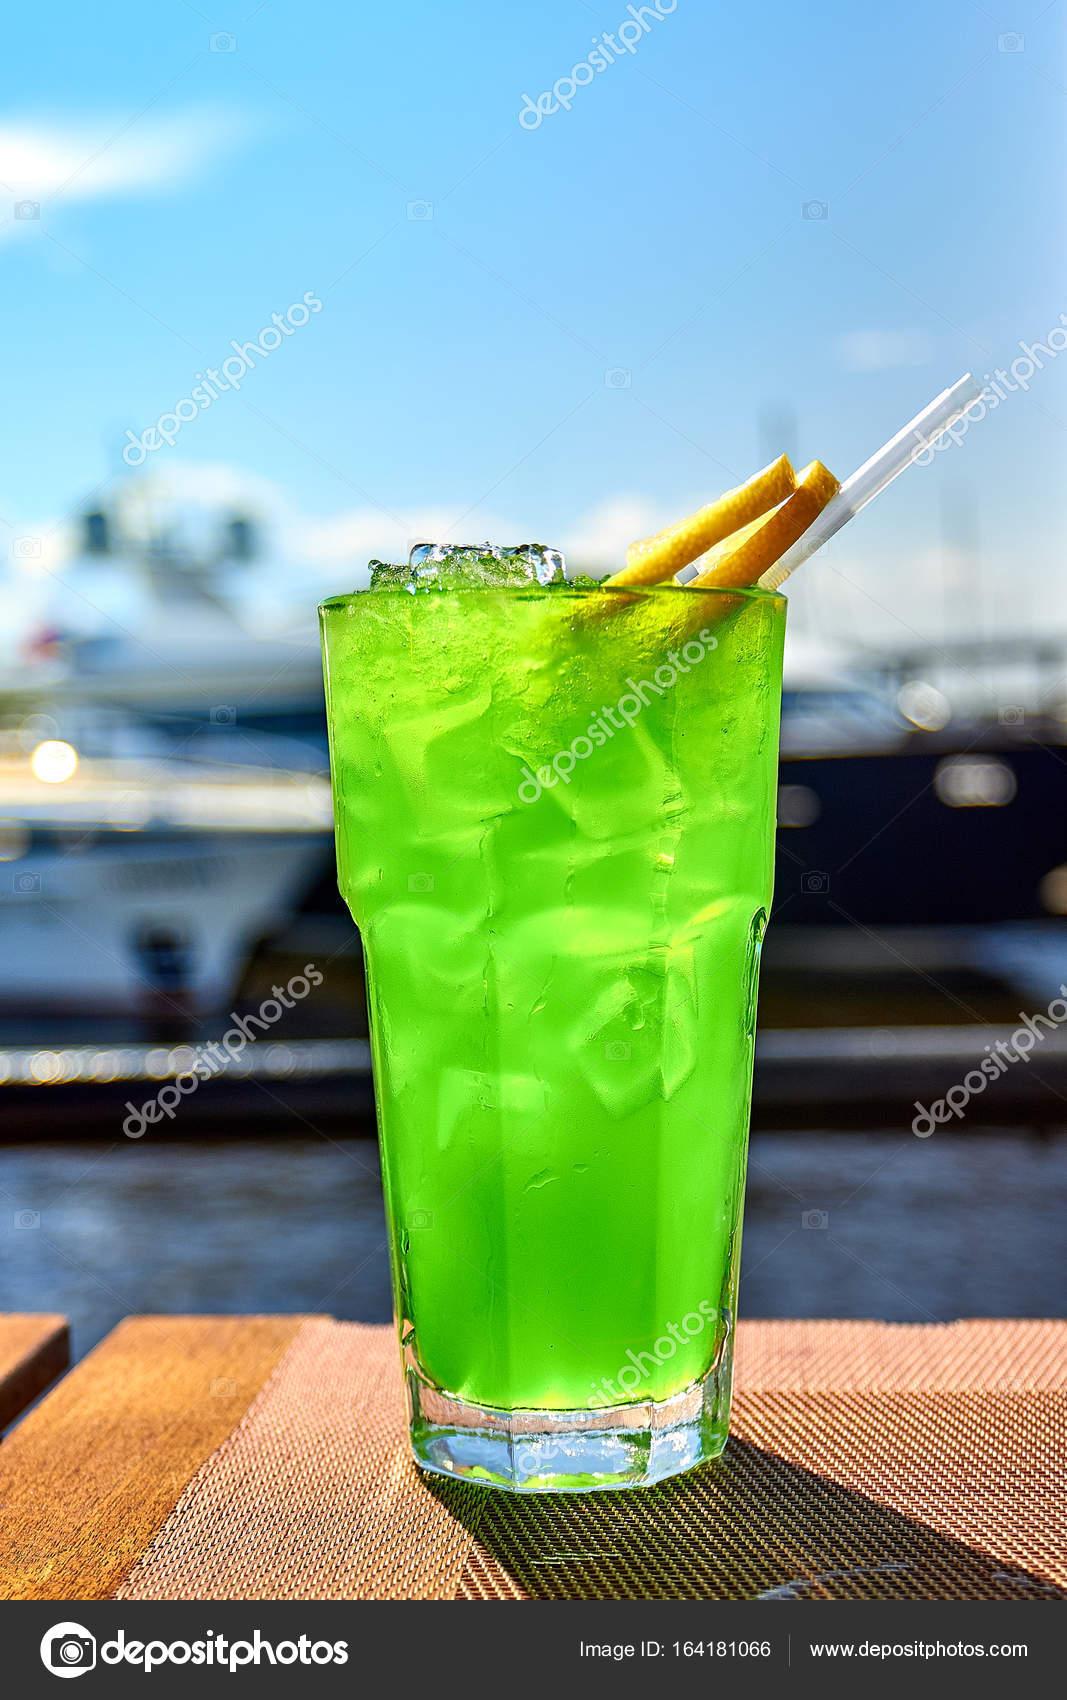 groene drank